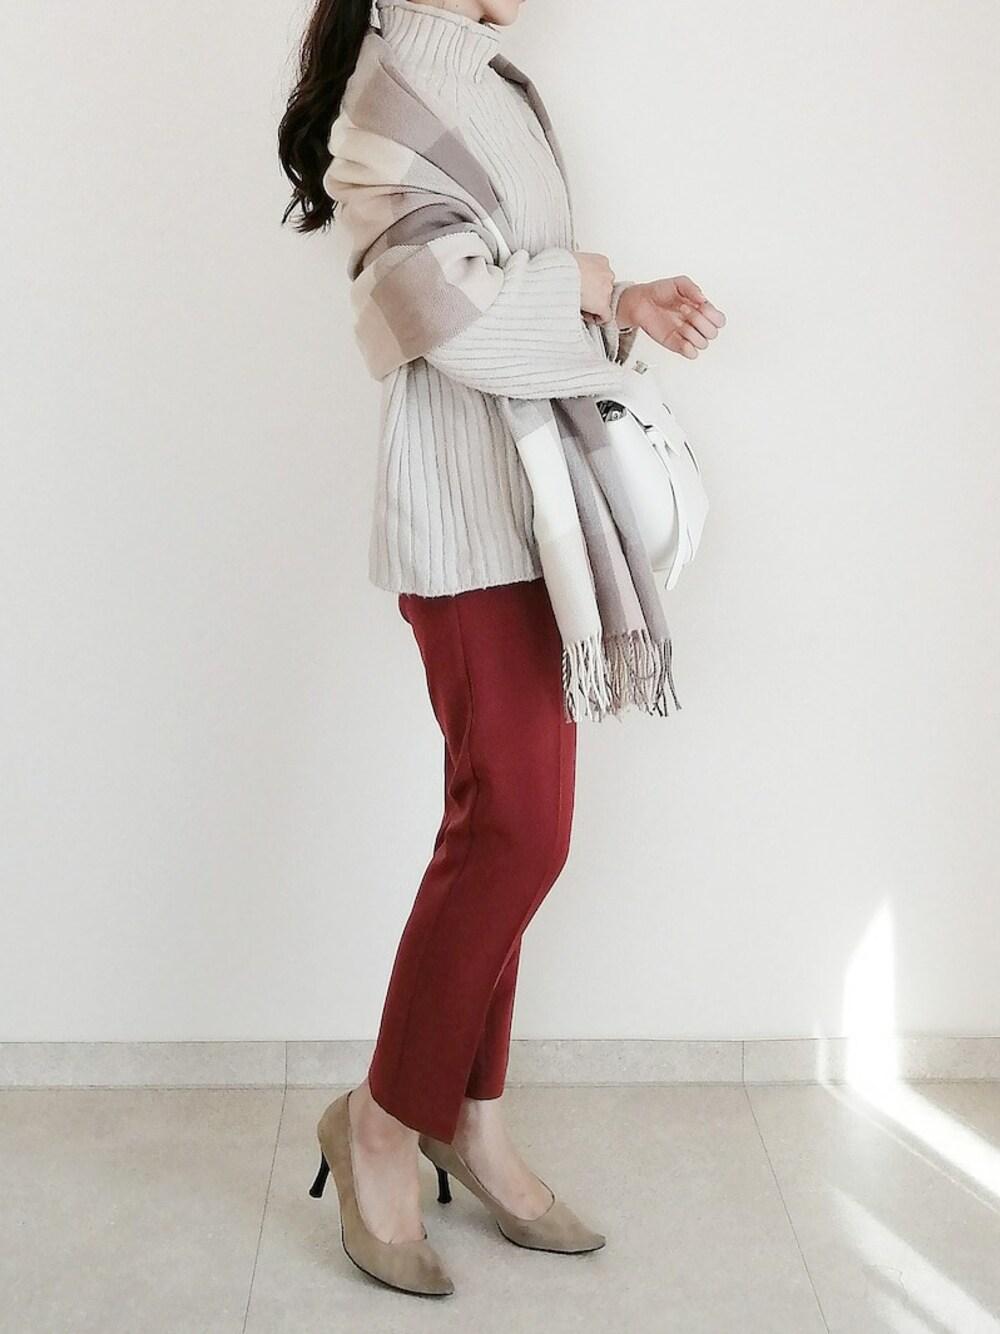 キレイめカジュアル 30代 母親 ピエロ